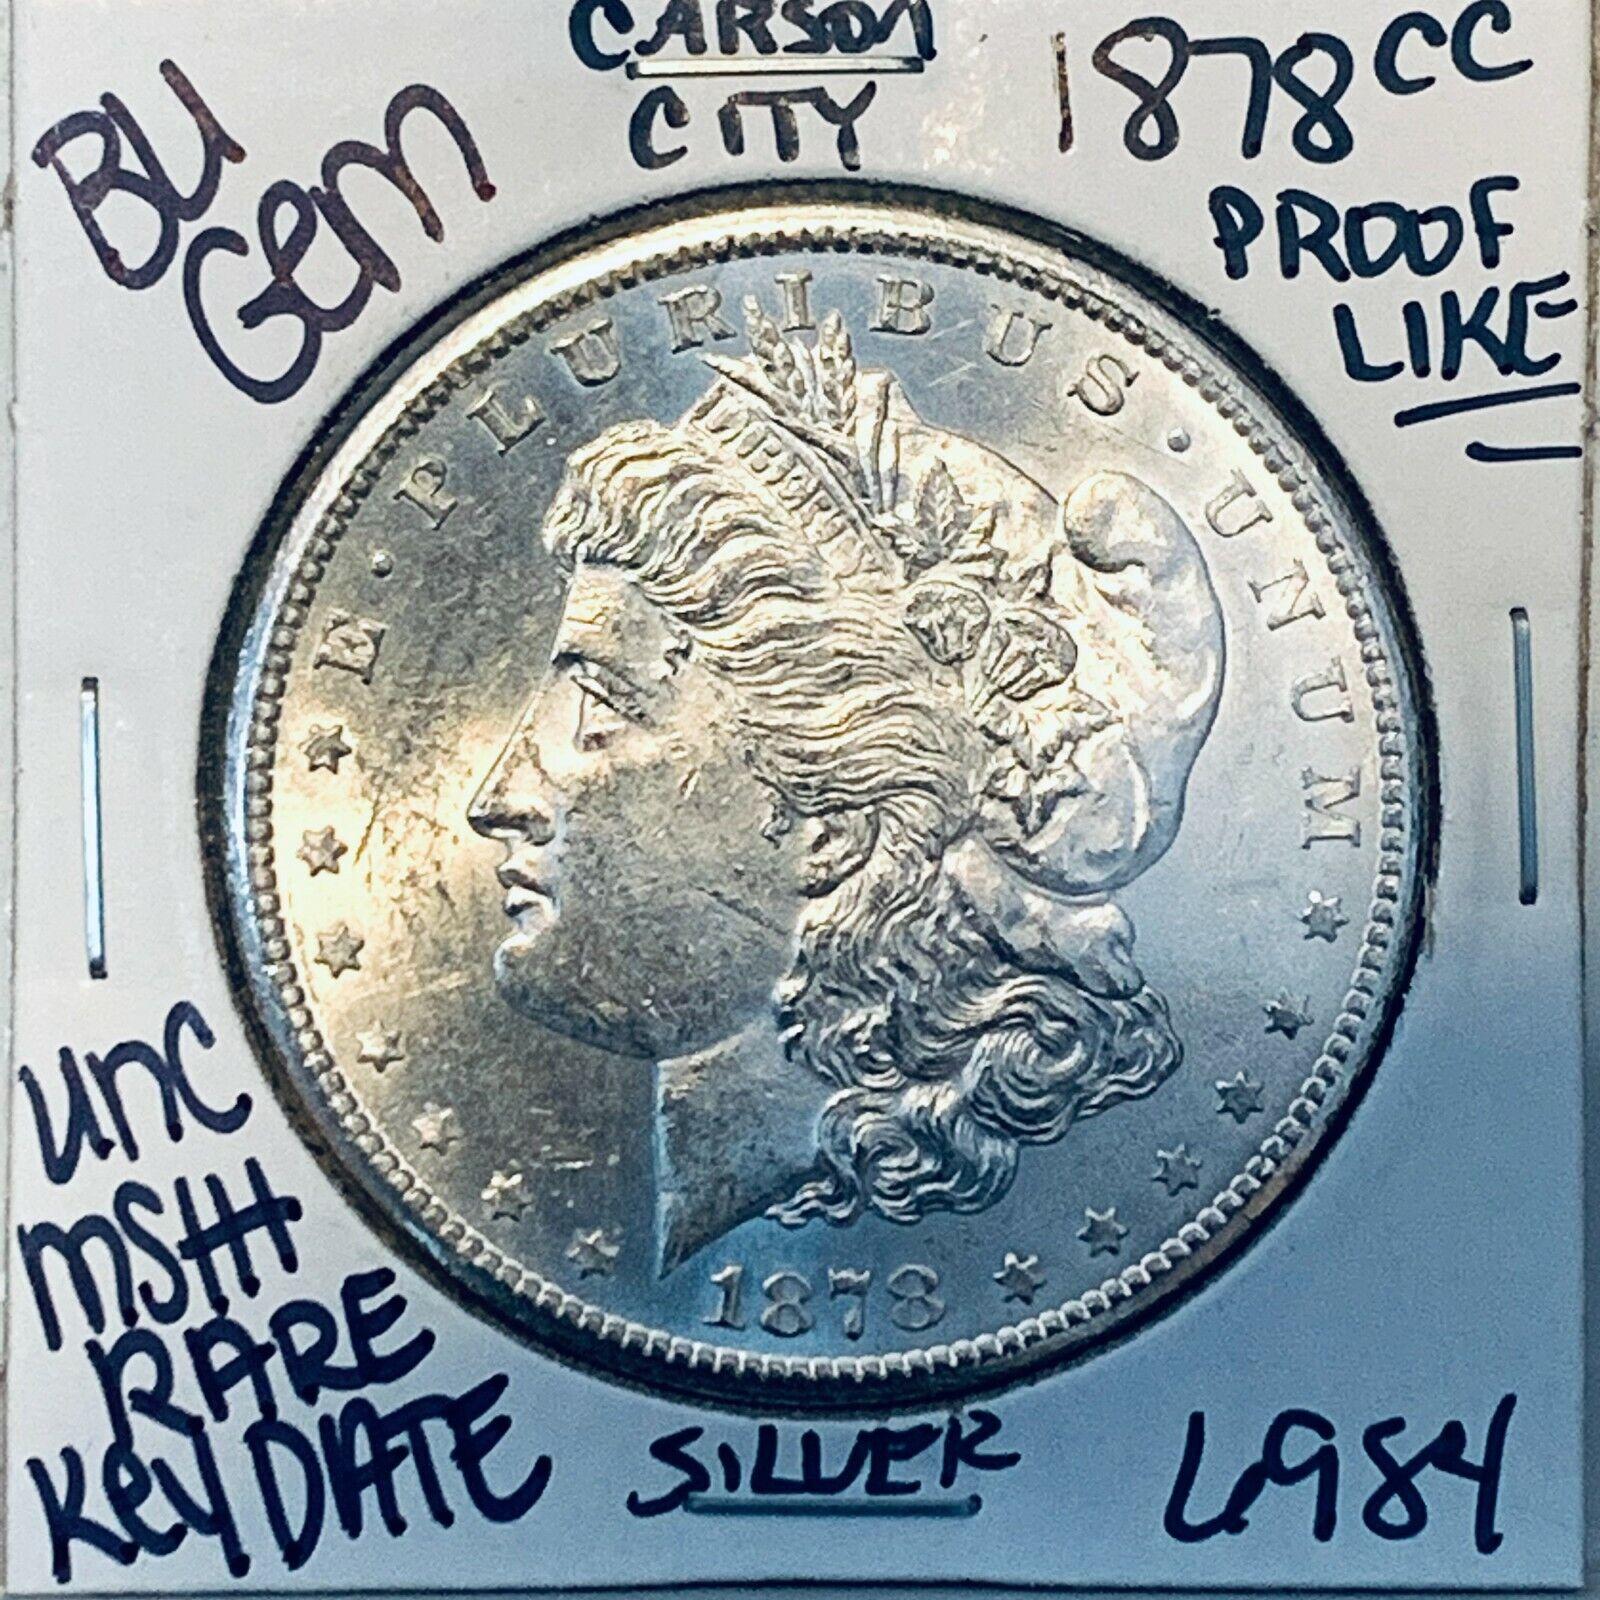 1878 CC BU GEM MORGAN SILVER DOLLAR UNC-MS U.S. MINT RARE KEY COIN 6984 - $565.00